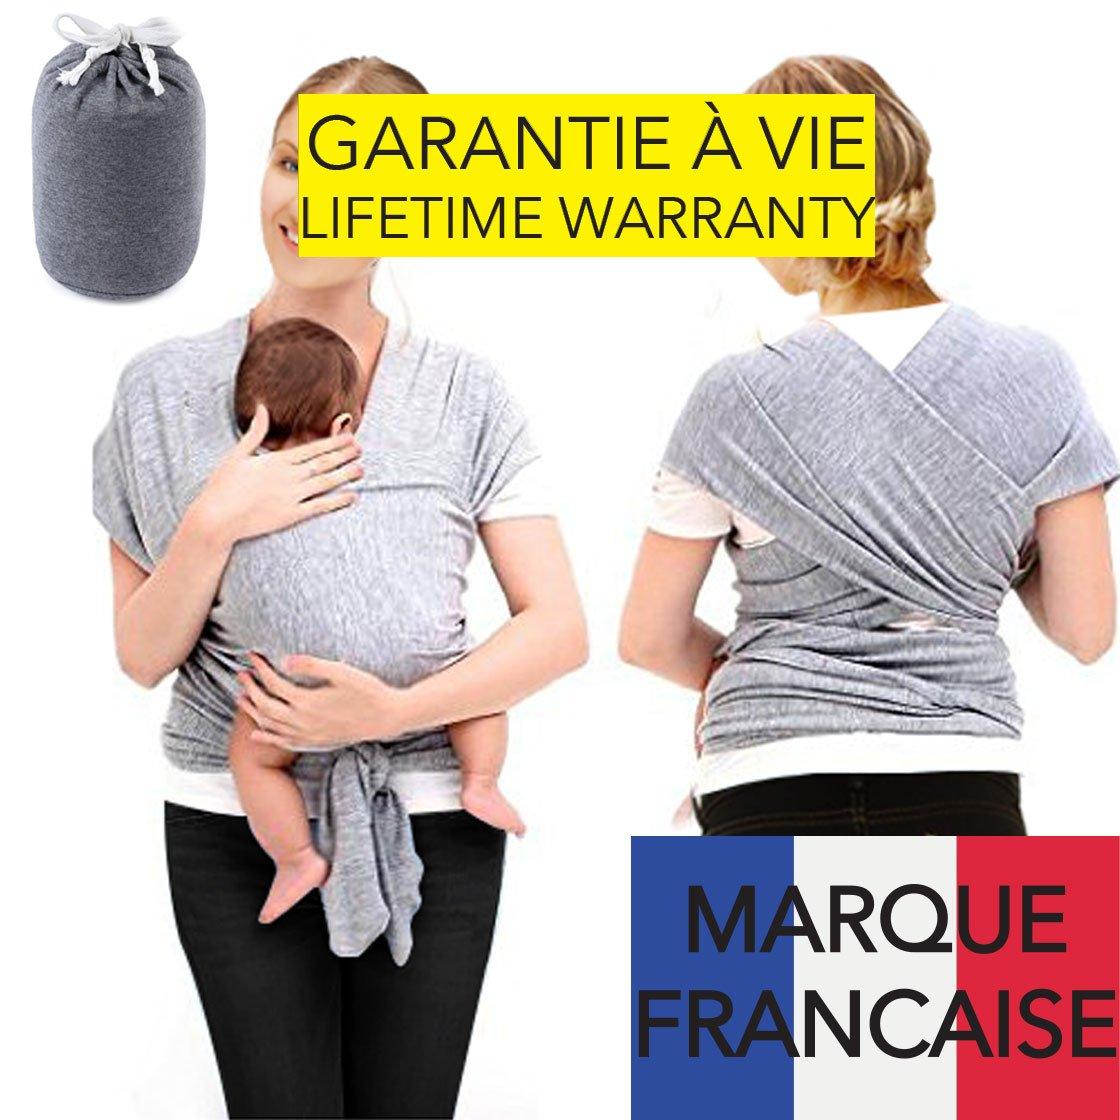 TAKIT Echarpe De Portage Bébé - Coton Naturel, Garantie à Vie - Gris BS1